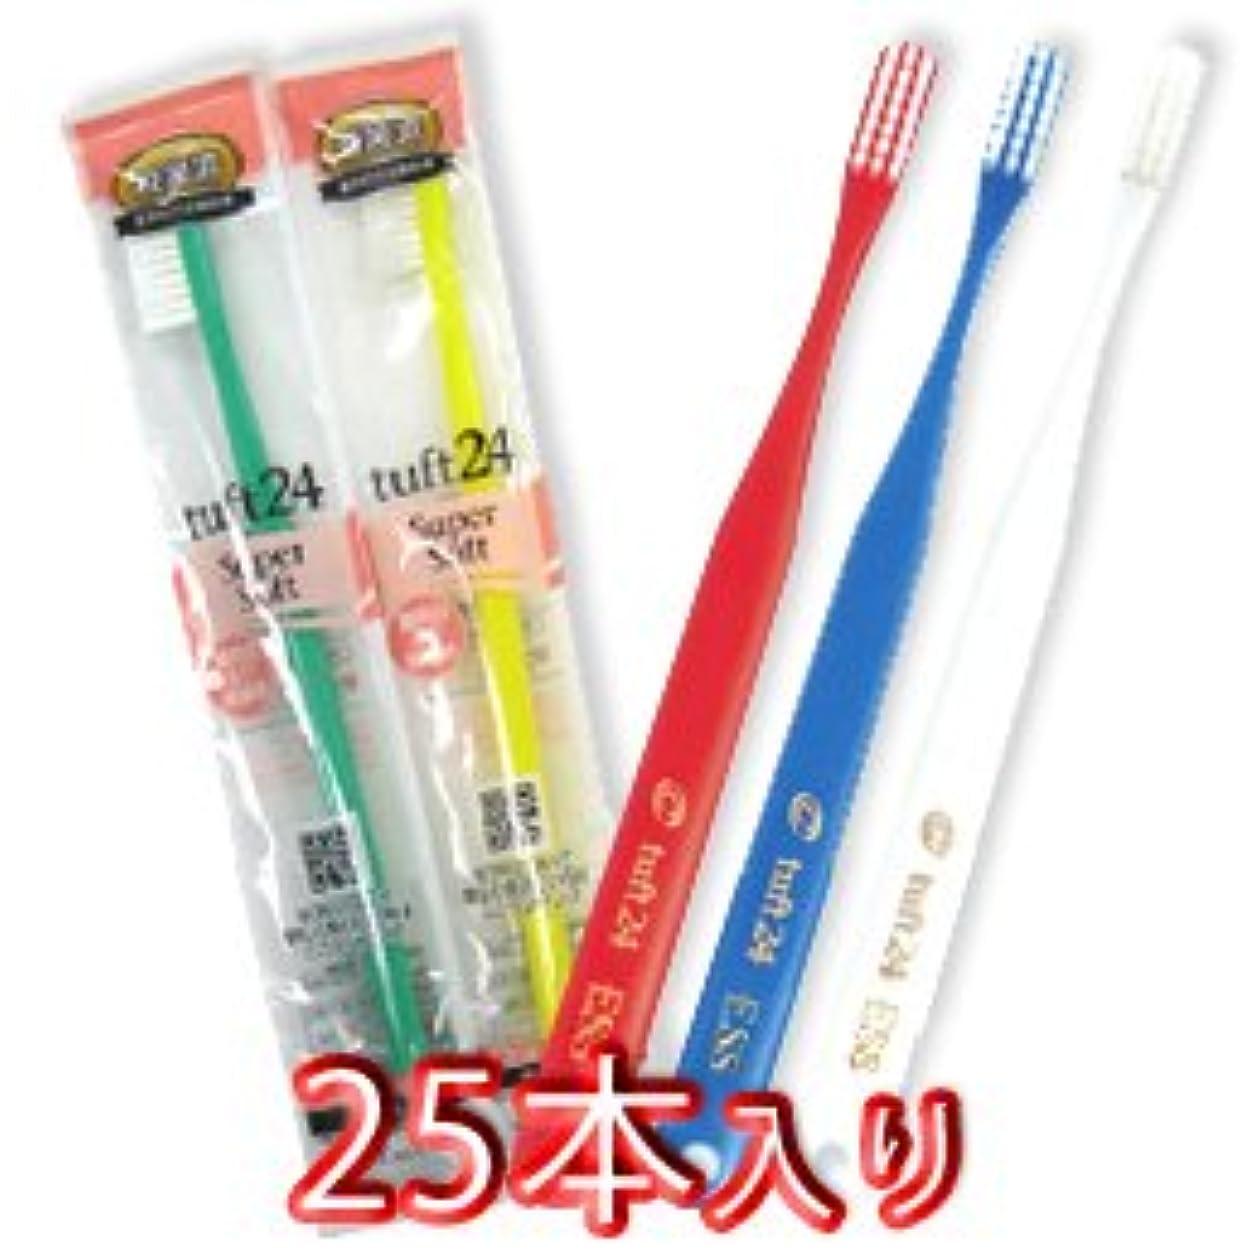 矩形祝福する気晴らしキャップ付き タフト 24 歯ブラシ スーパーソフト 25本 (アソート)